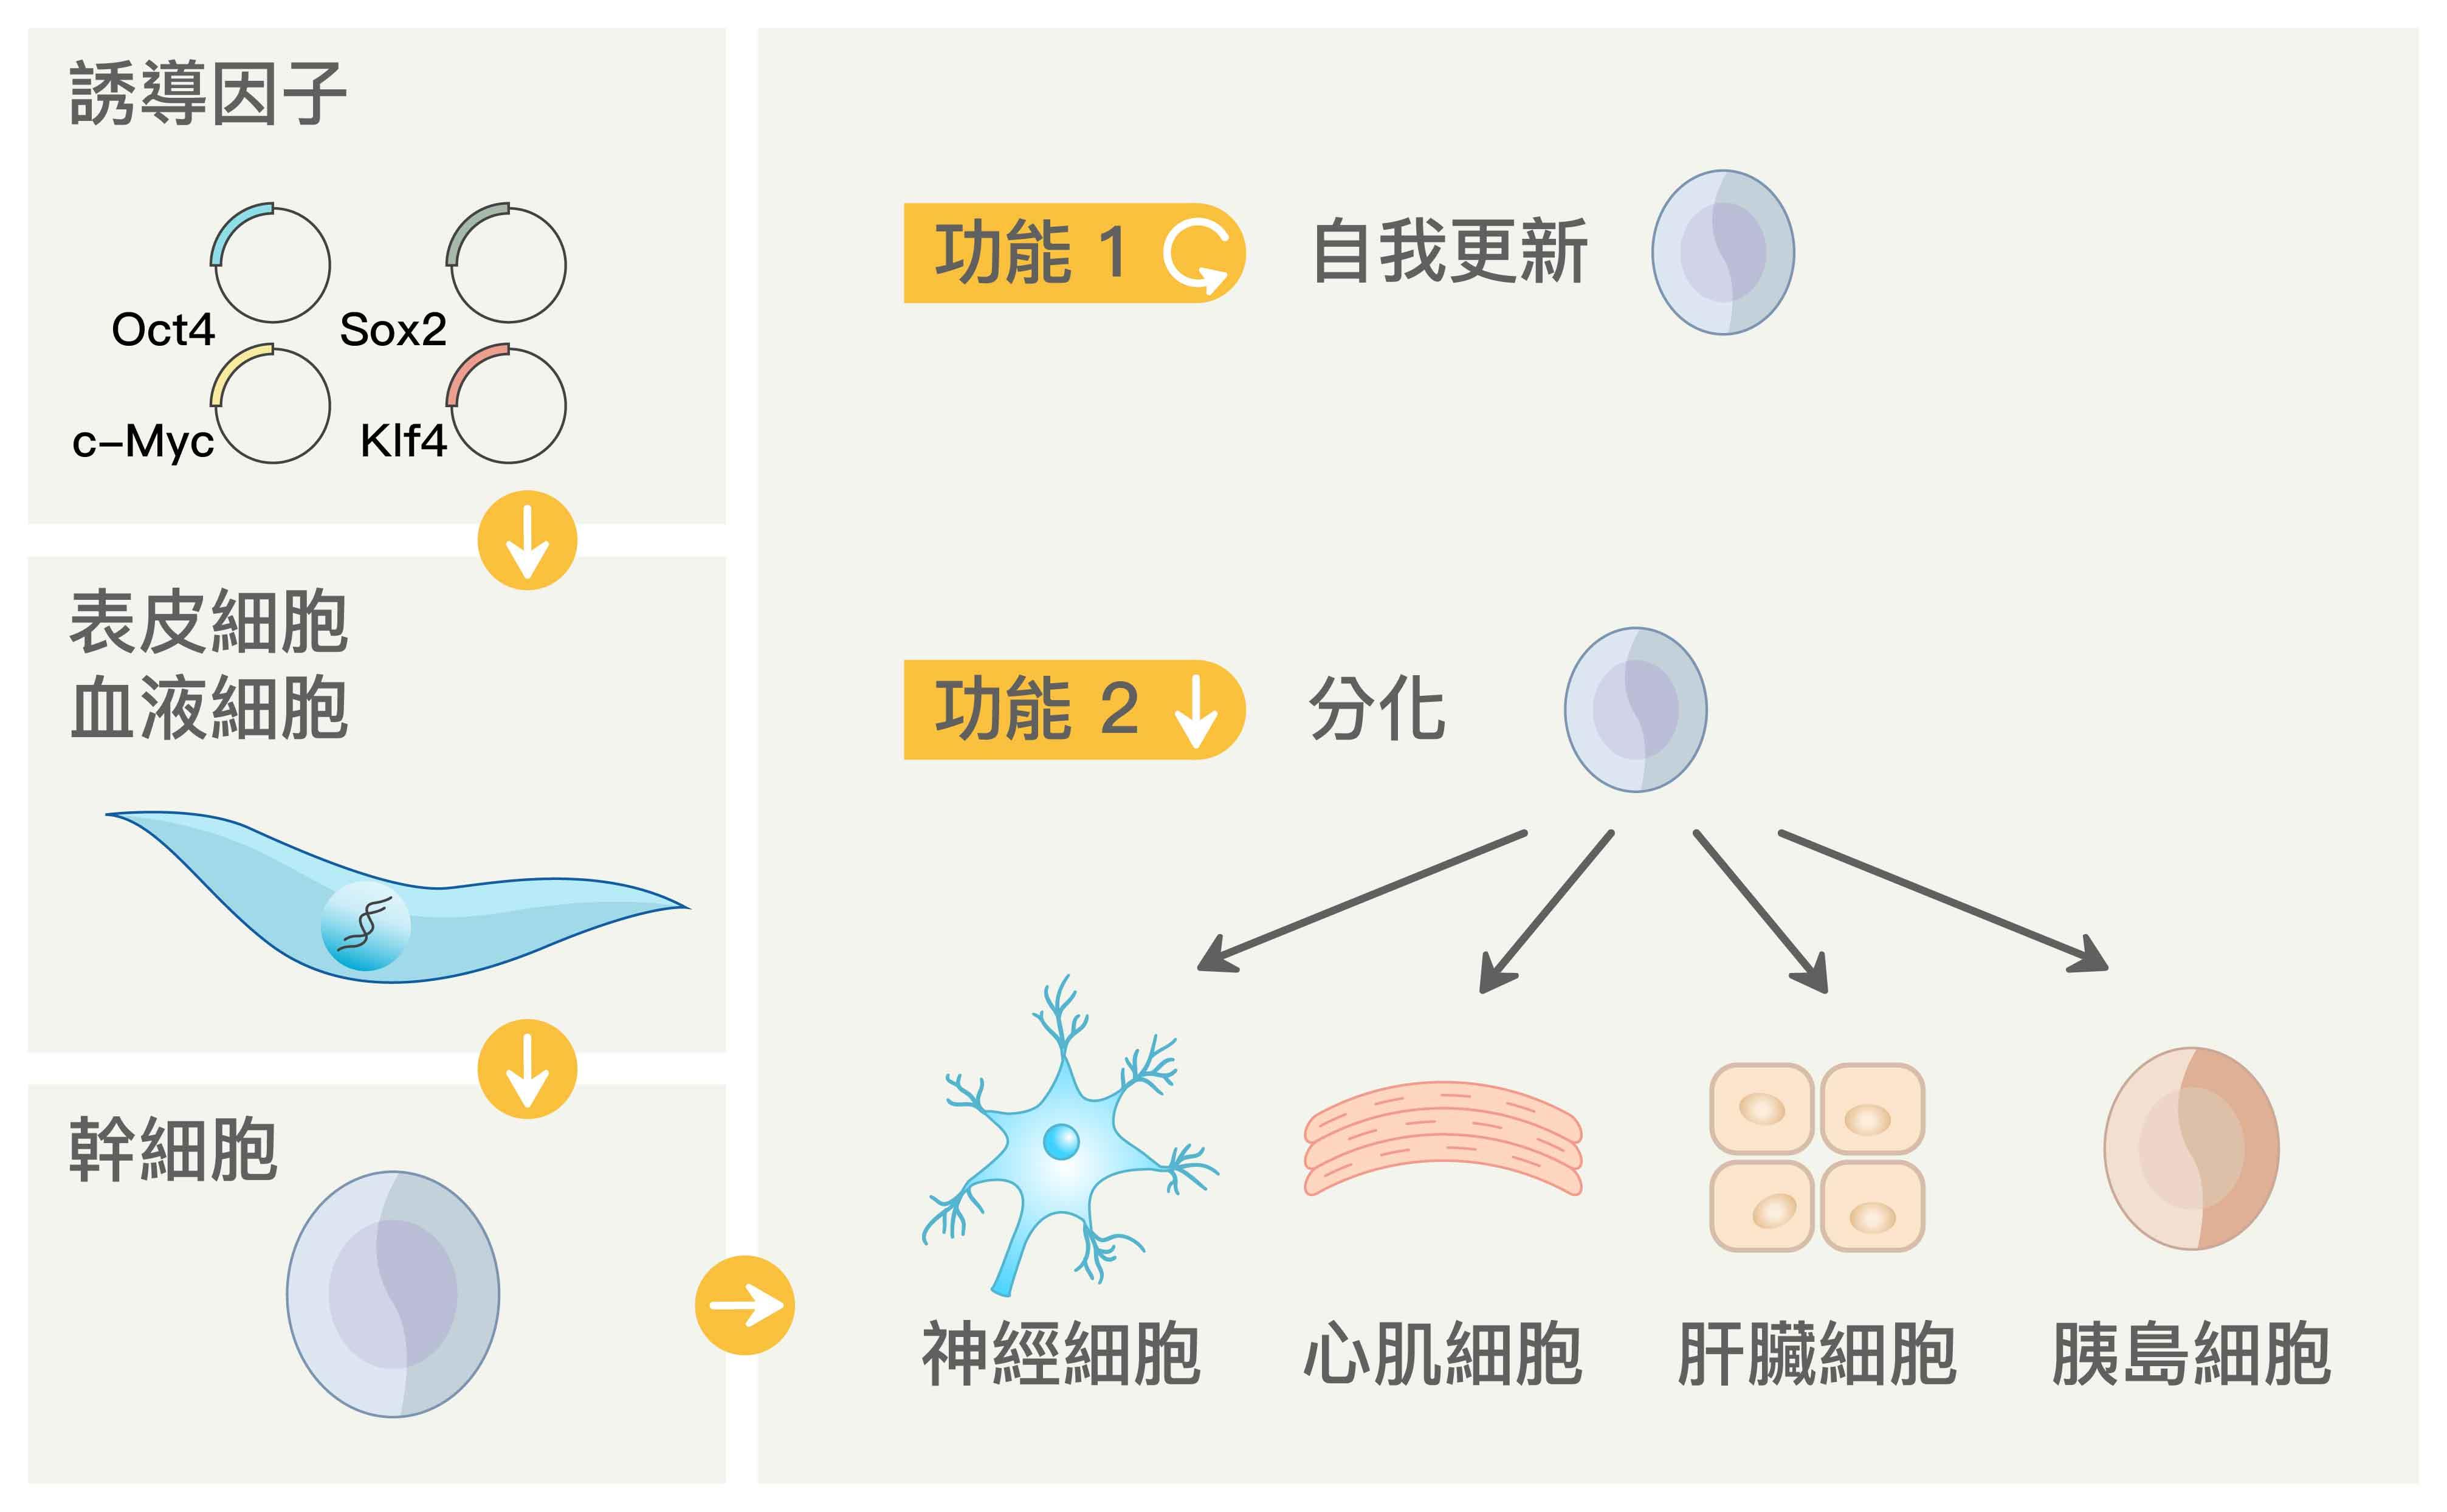 山中伸彌團隊發現,將四個基因表現到小鼠的皮膚纖維母細胞後,可以讓皮膚纖維母細胞重編程 (reprogramming) 為「誘導型多潛能幹細胞 (iPSC)」,而 iPSC 具有分化為身體各種細胞的多能性。圖│研之有物 (資料來源│多能性幹細胞,作者:陳彥榮)